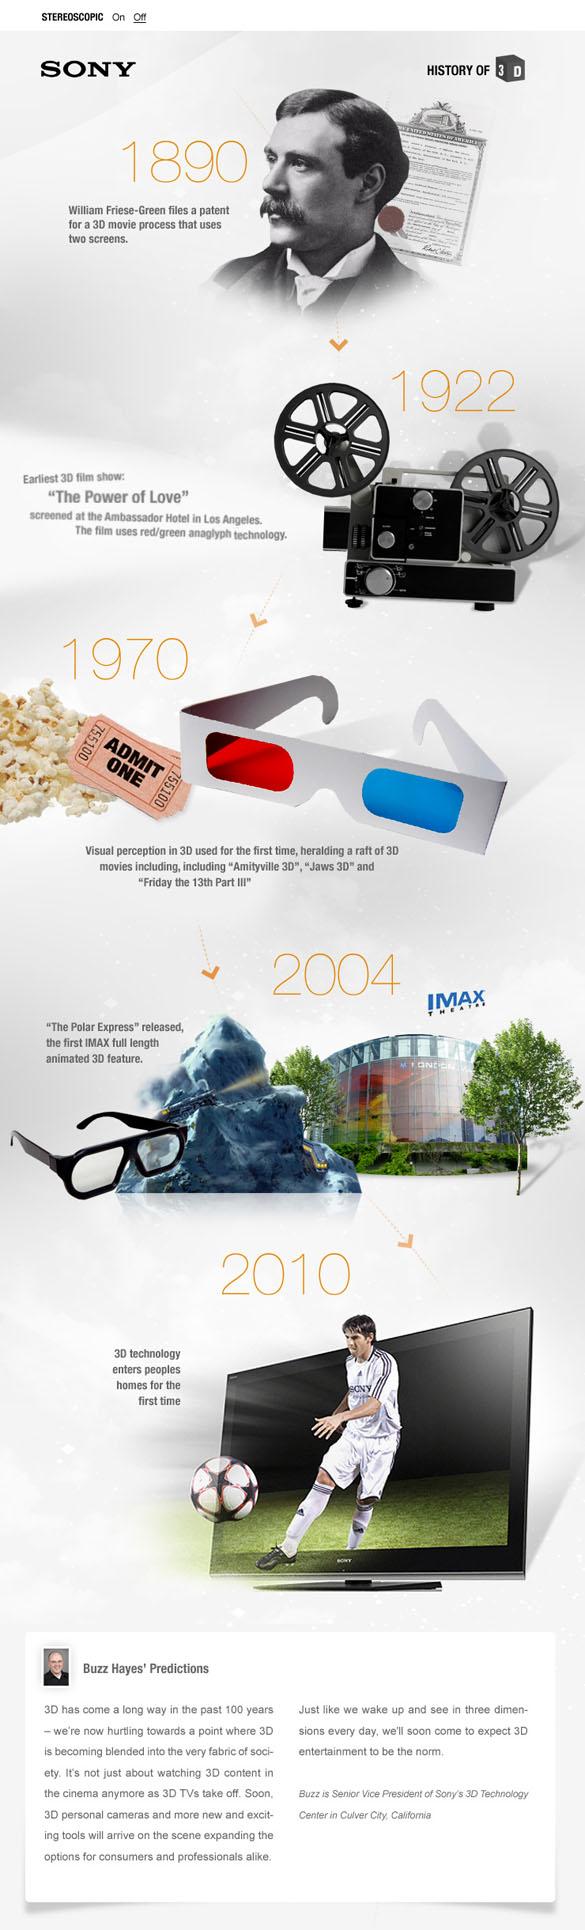 Histoire de la 3d au cinéma